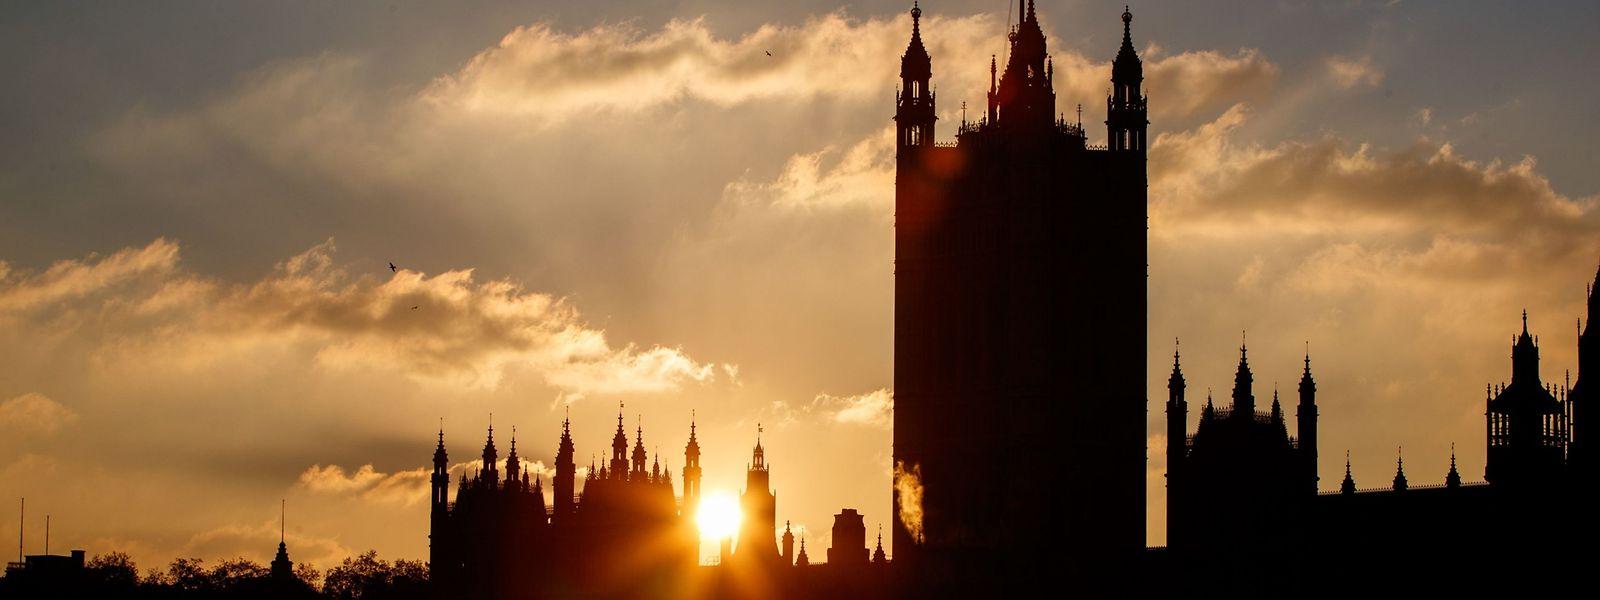 Symbolischer Sonnenuntergang in Westminster - Theresa May erwartet eine schwere Woche in ihrem Brexit-Vorhaben.